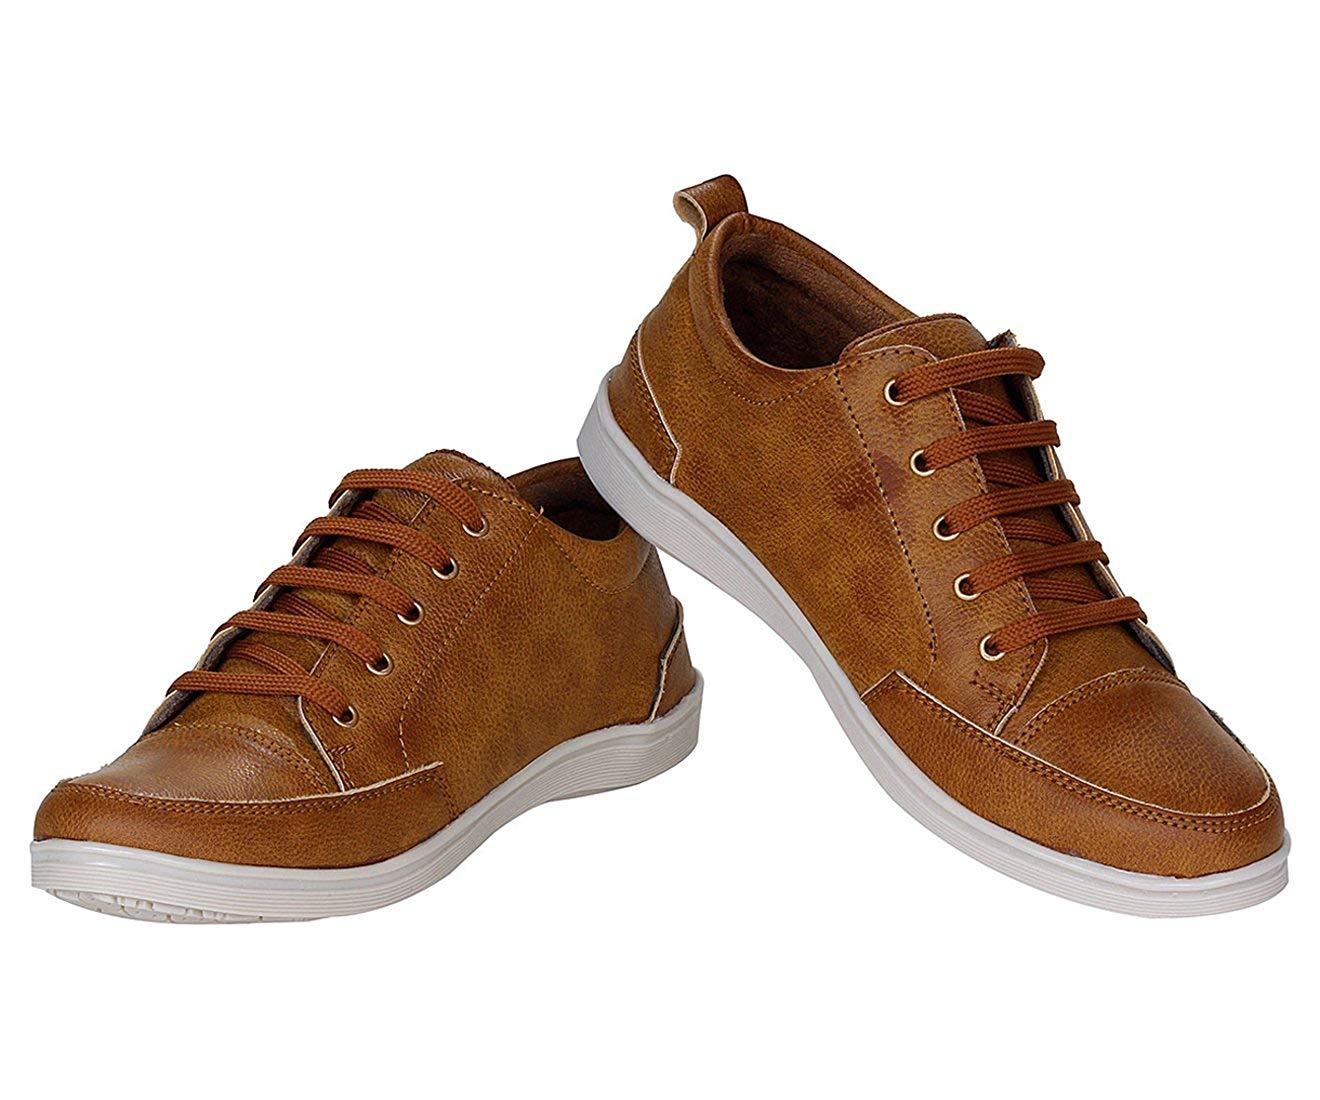 Knight Ace 105 True Sneakers BlackBrown UK 9 image 1